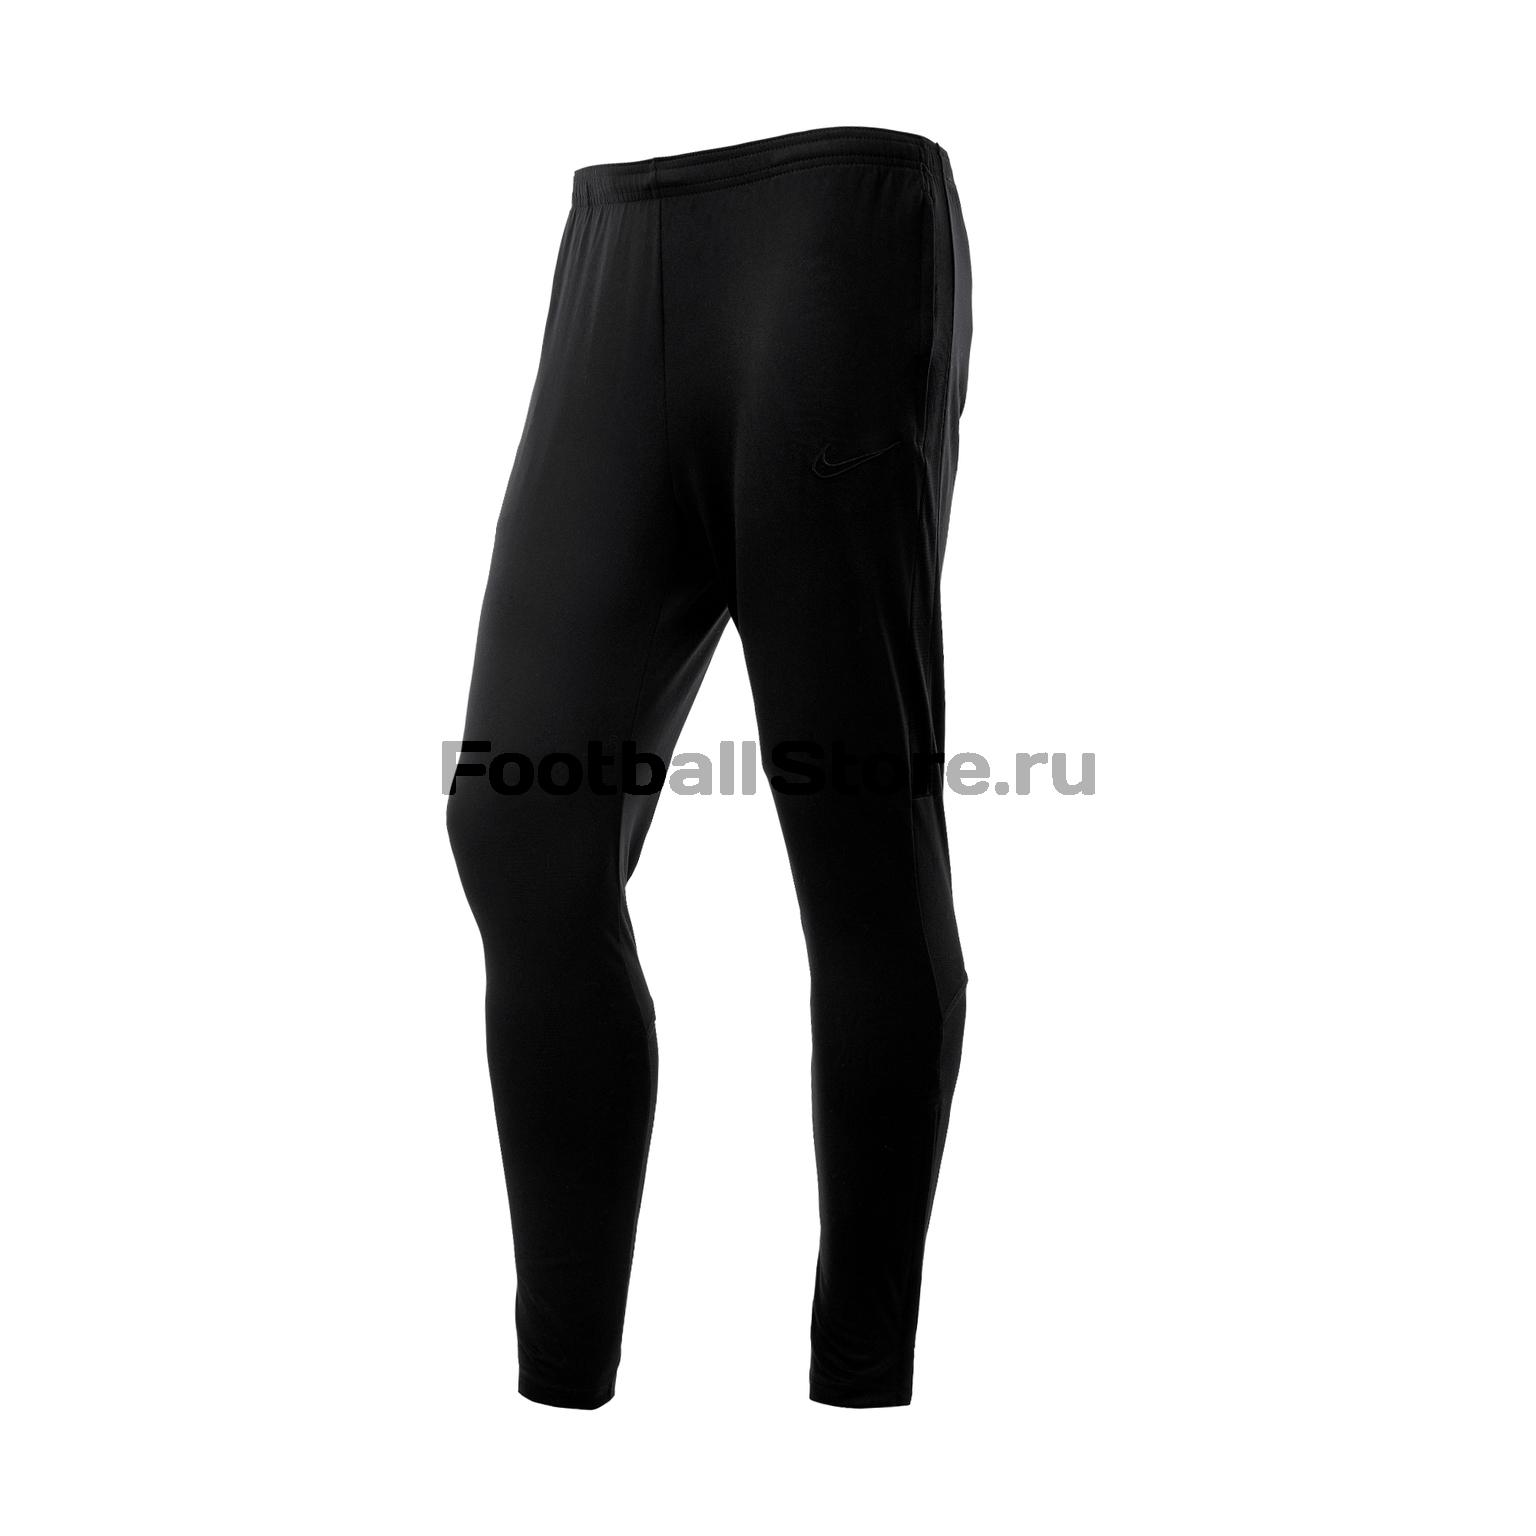 Брюки тренировочные Nike Dry Academy AJ9729-011 брюки тренировочные nike сборной бразилии 893122 454